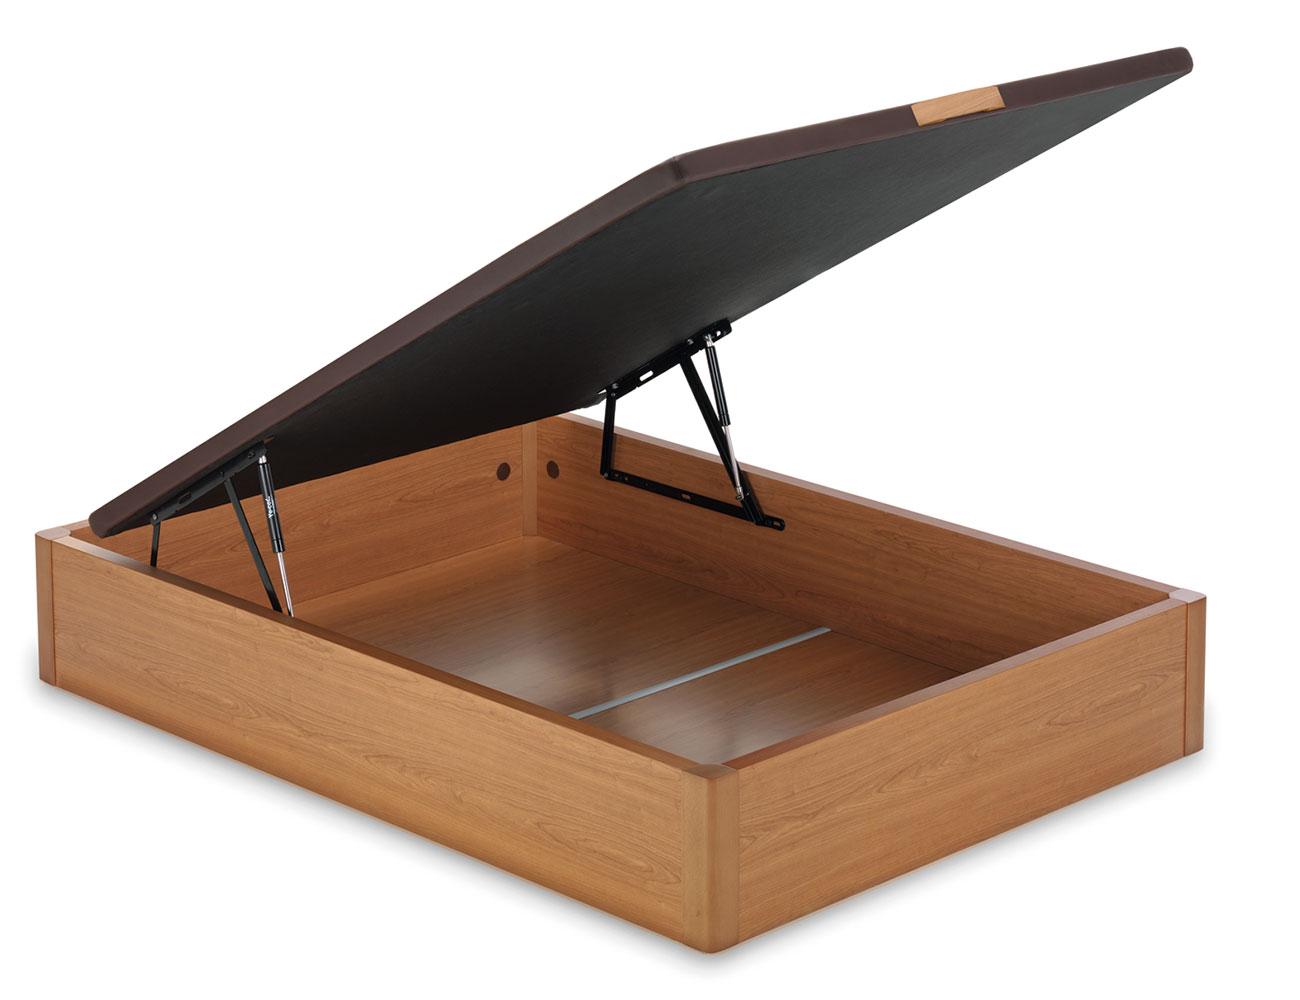 Canape madera 5 cm grosor gran calidad abierto2